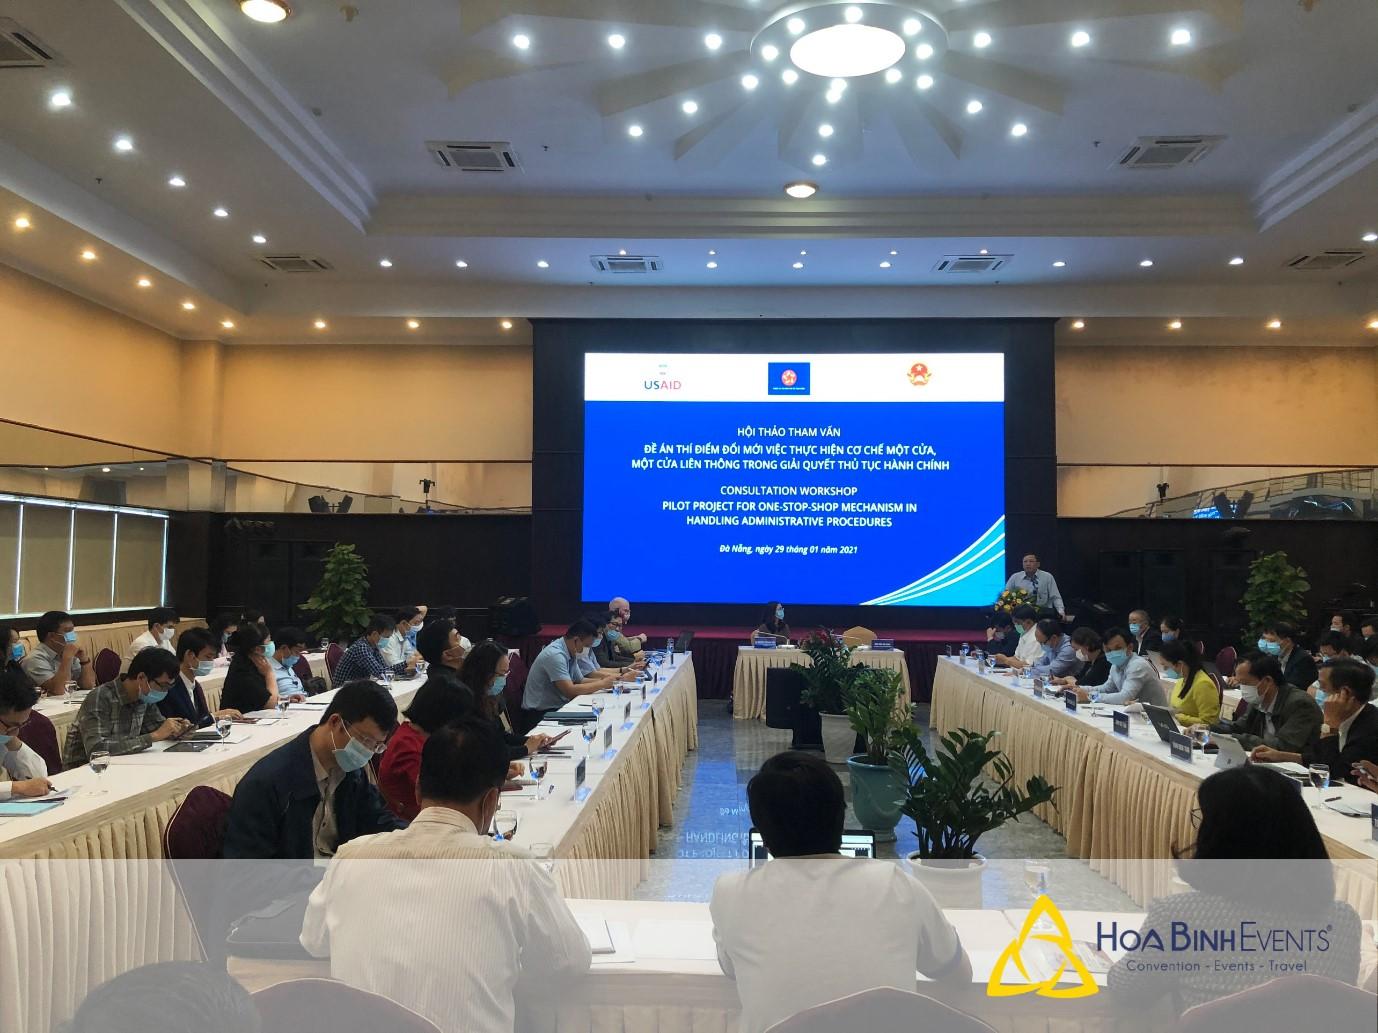 Tổ chức hội nghị, hội thảo để thảo luận vấn đề thực tiễn